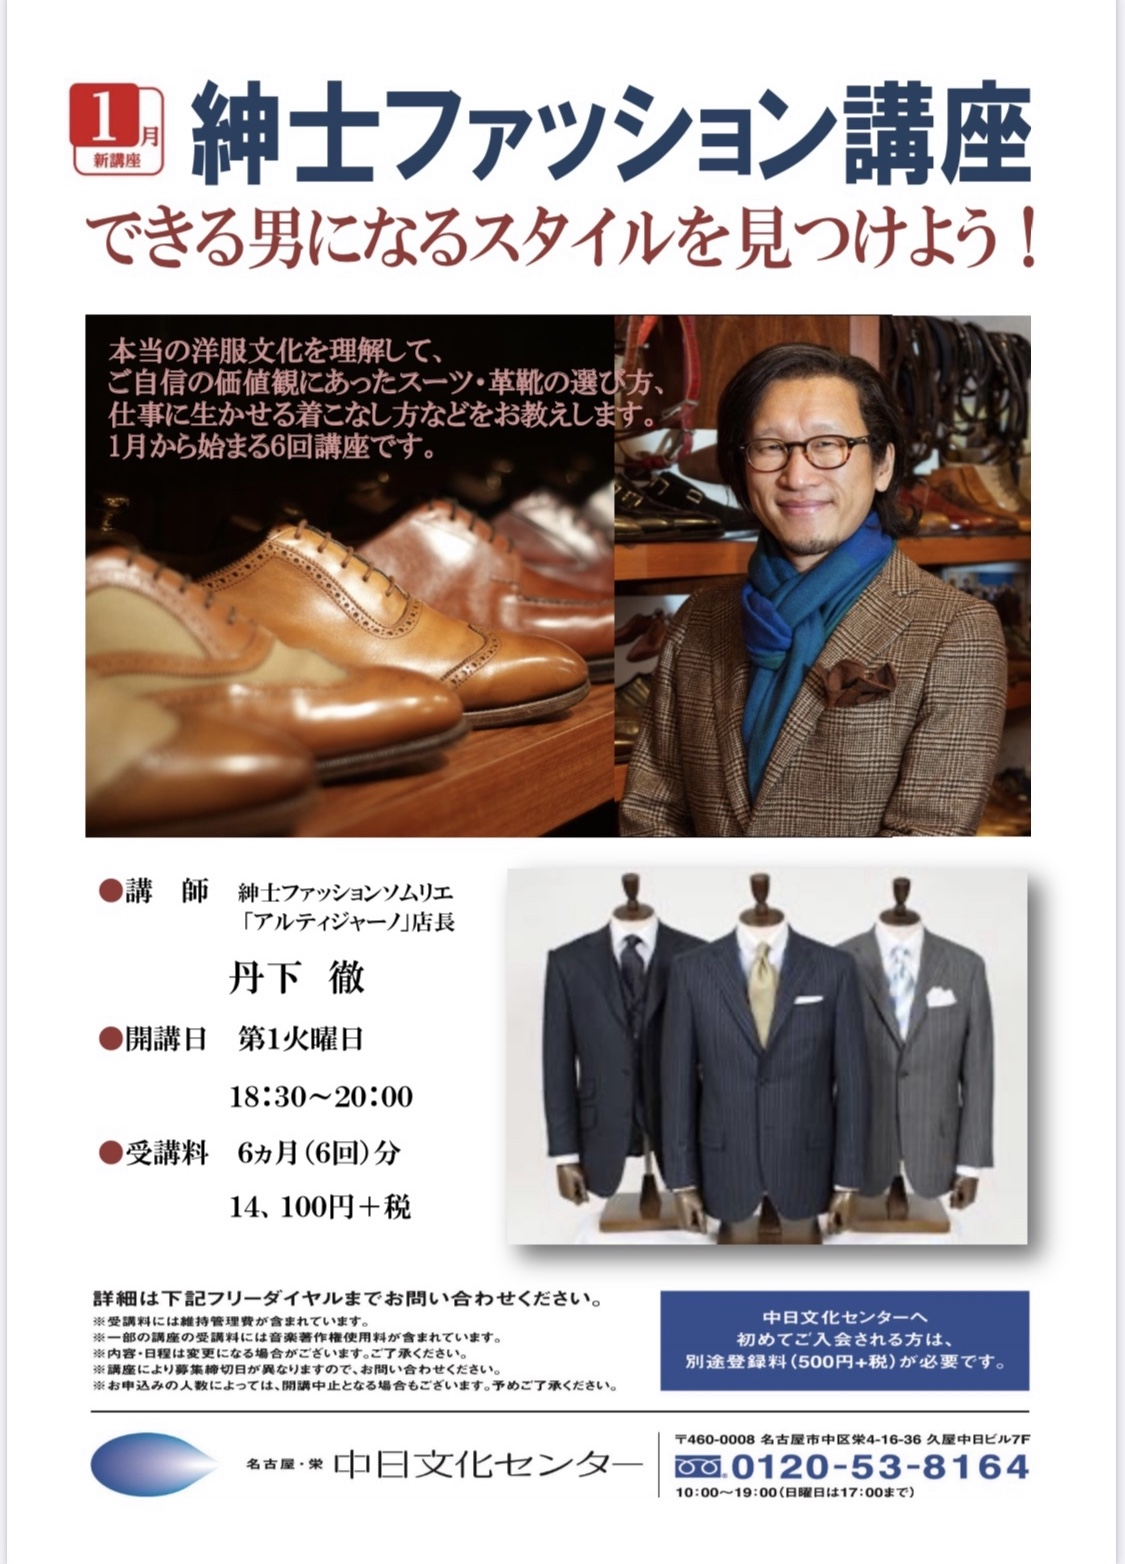 中日文化センター名古屋栄「紳士ファッション講座」本日再開です